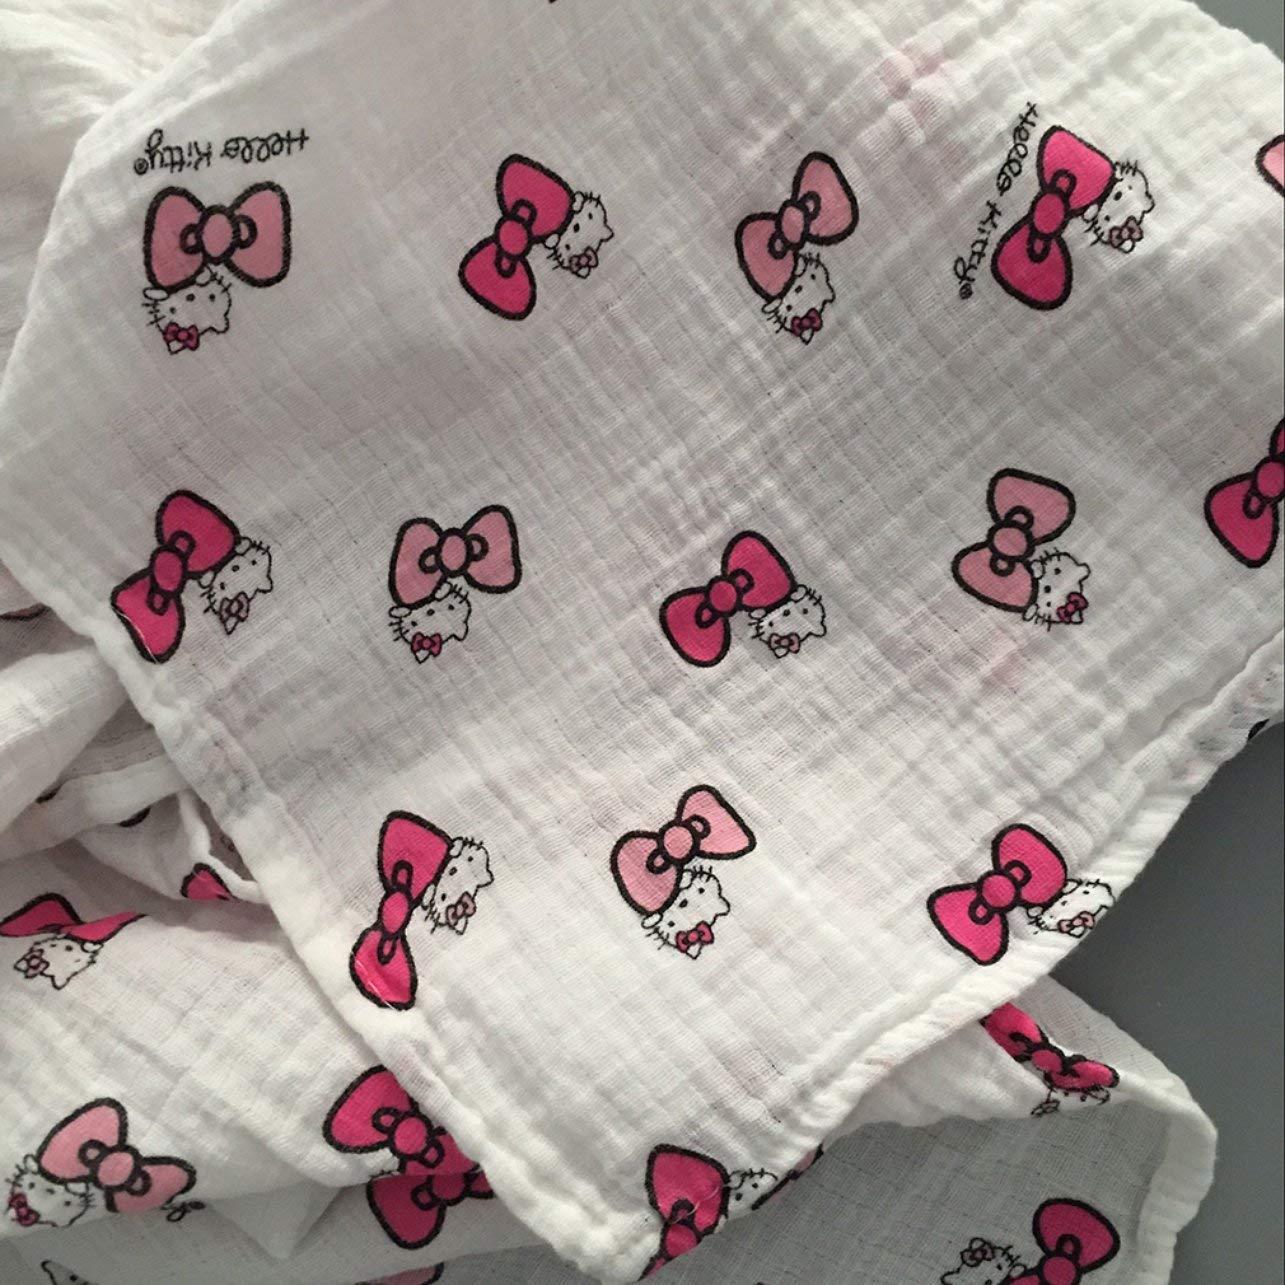 120x120cm mousseline couverture b/éb/é langes coton 100/% nouveau-n/é b/éb/é serviette de bain Swaddle couvertures Multi Designs Fonctions